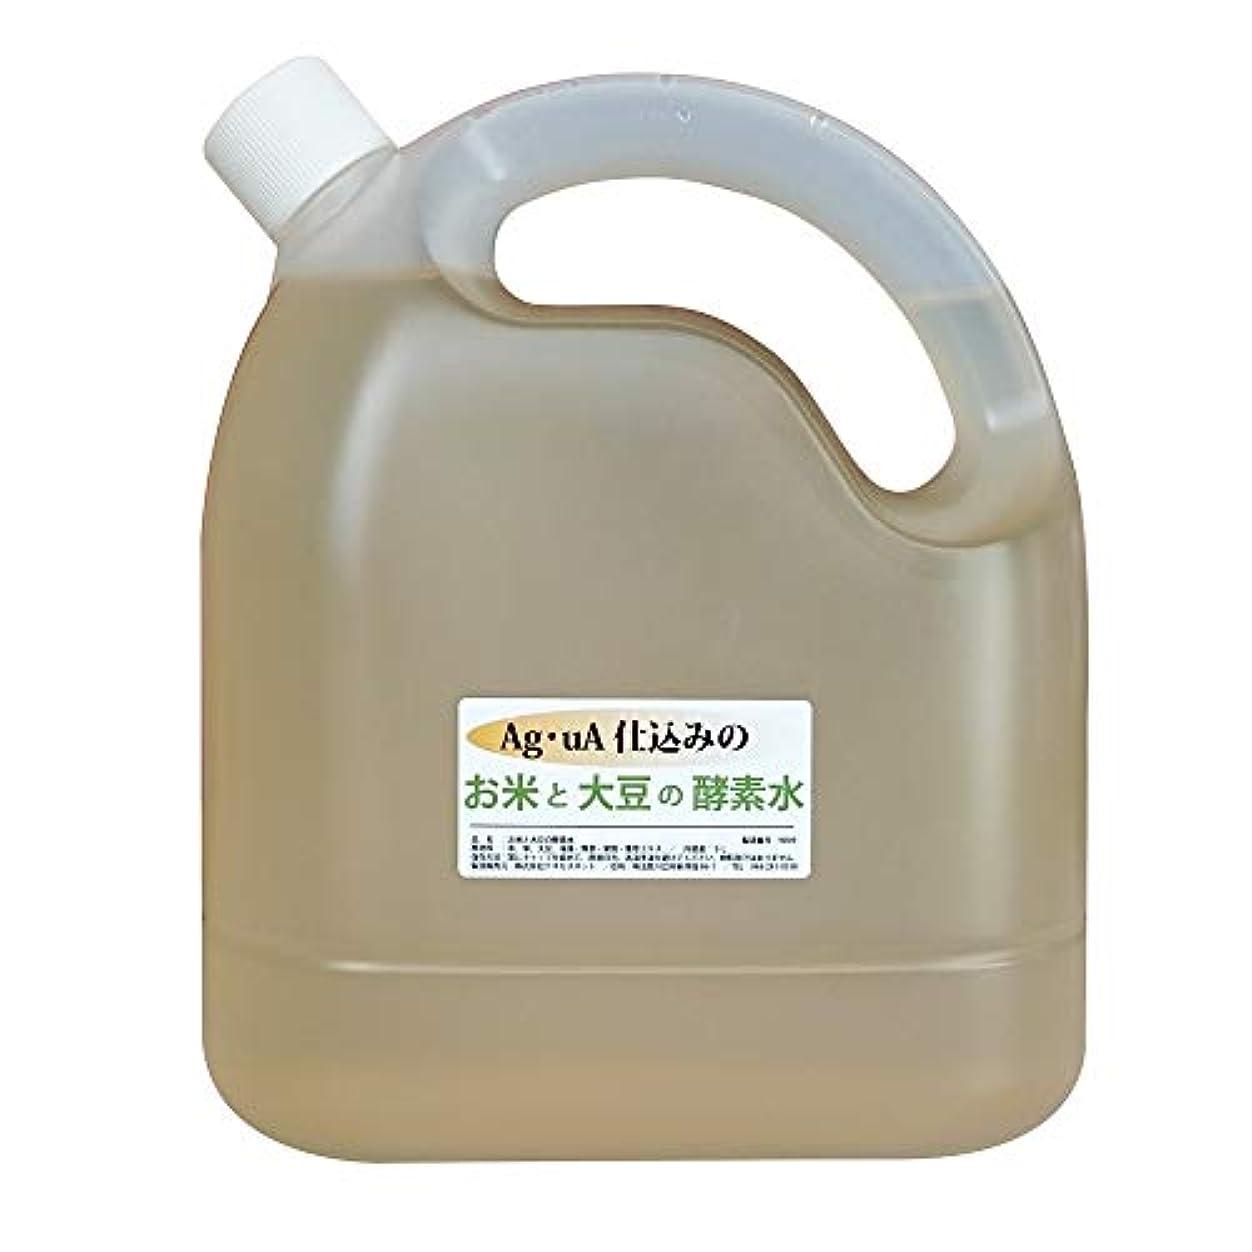 エンディング保全気球テネモス アグア仕込みのお米と大豆の酵素水 5リットル